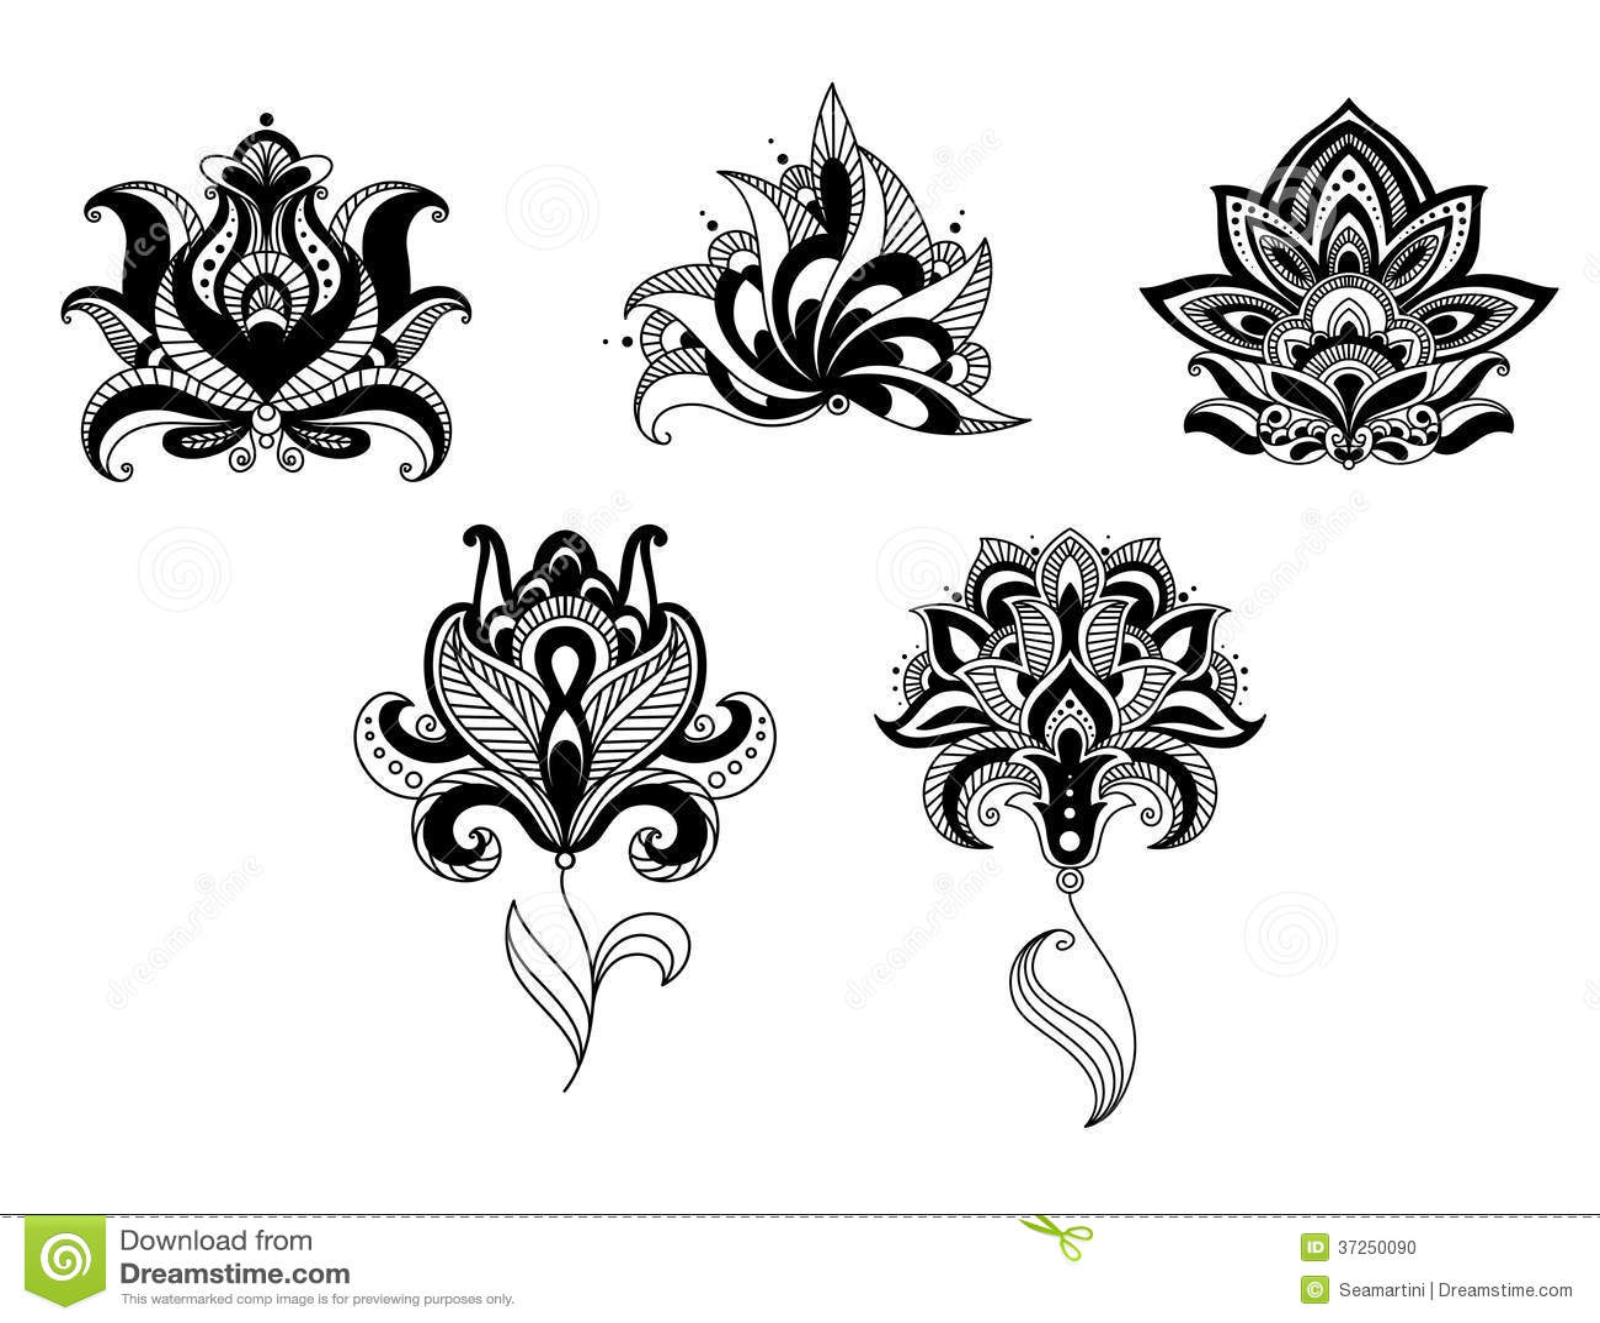 Indian lotus flower design comousar indian lotus flower design ornate indian persian floral mightylinksfo